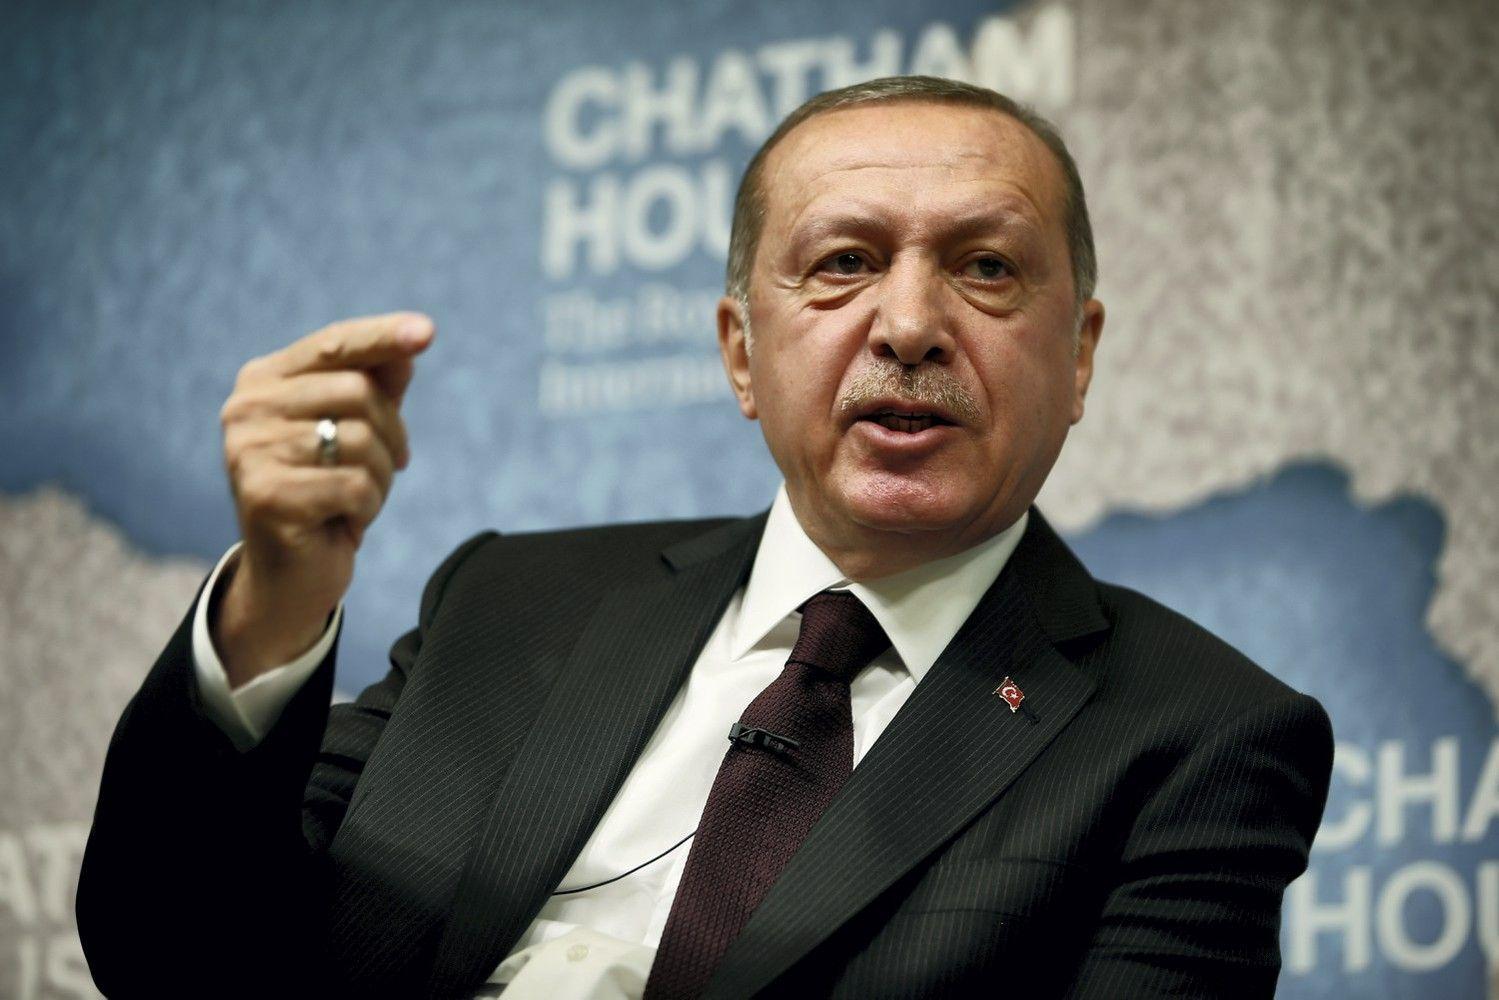 Erdoganui pažadėjus griežtesnę ranką, Turkijos lira smuko žemyn